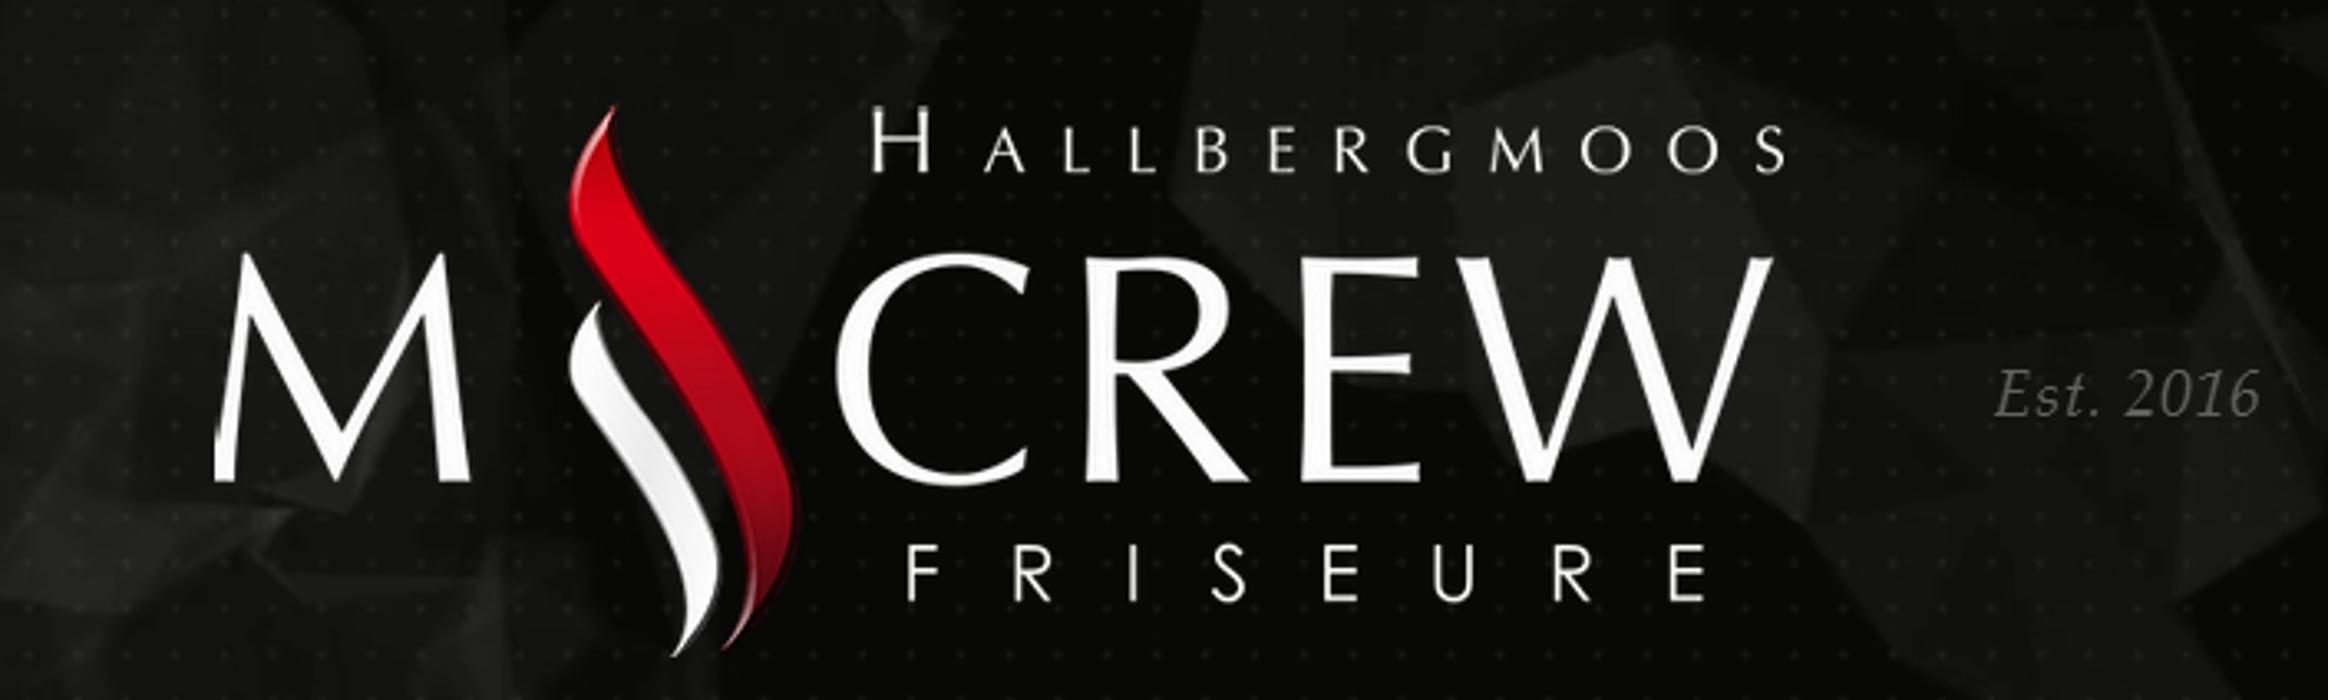 Bild zu M-Crew Friseure Hallbergmoos in Hallbergmoos